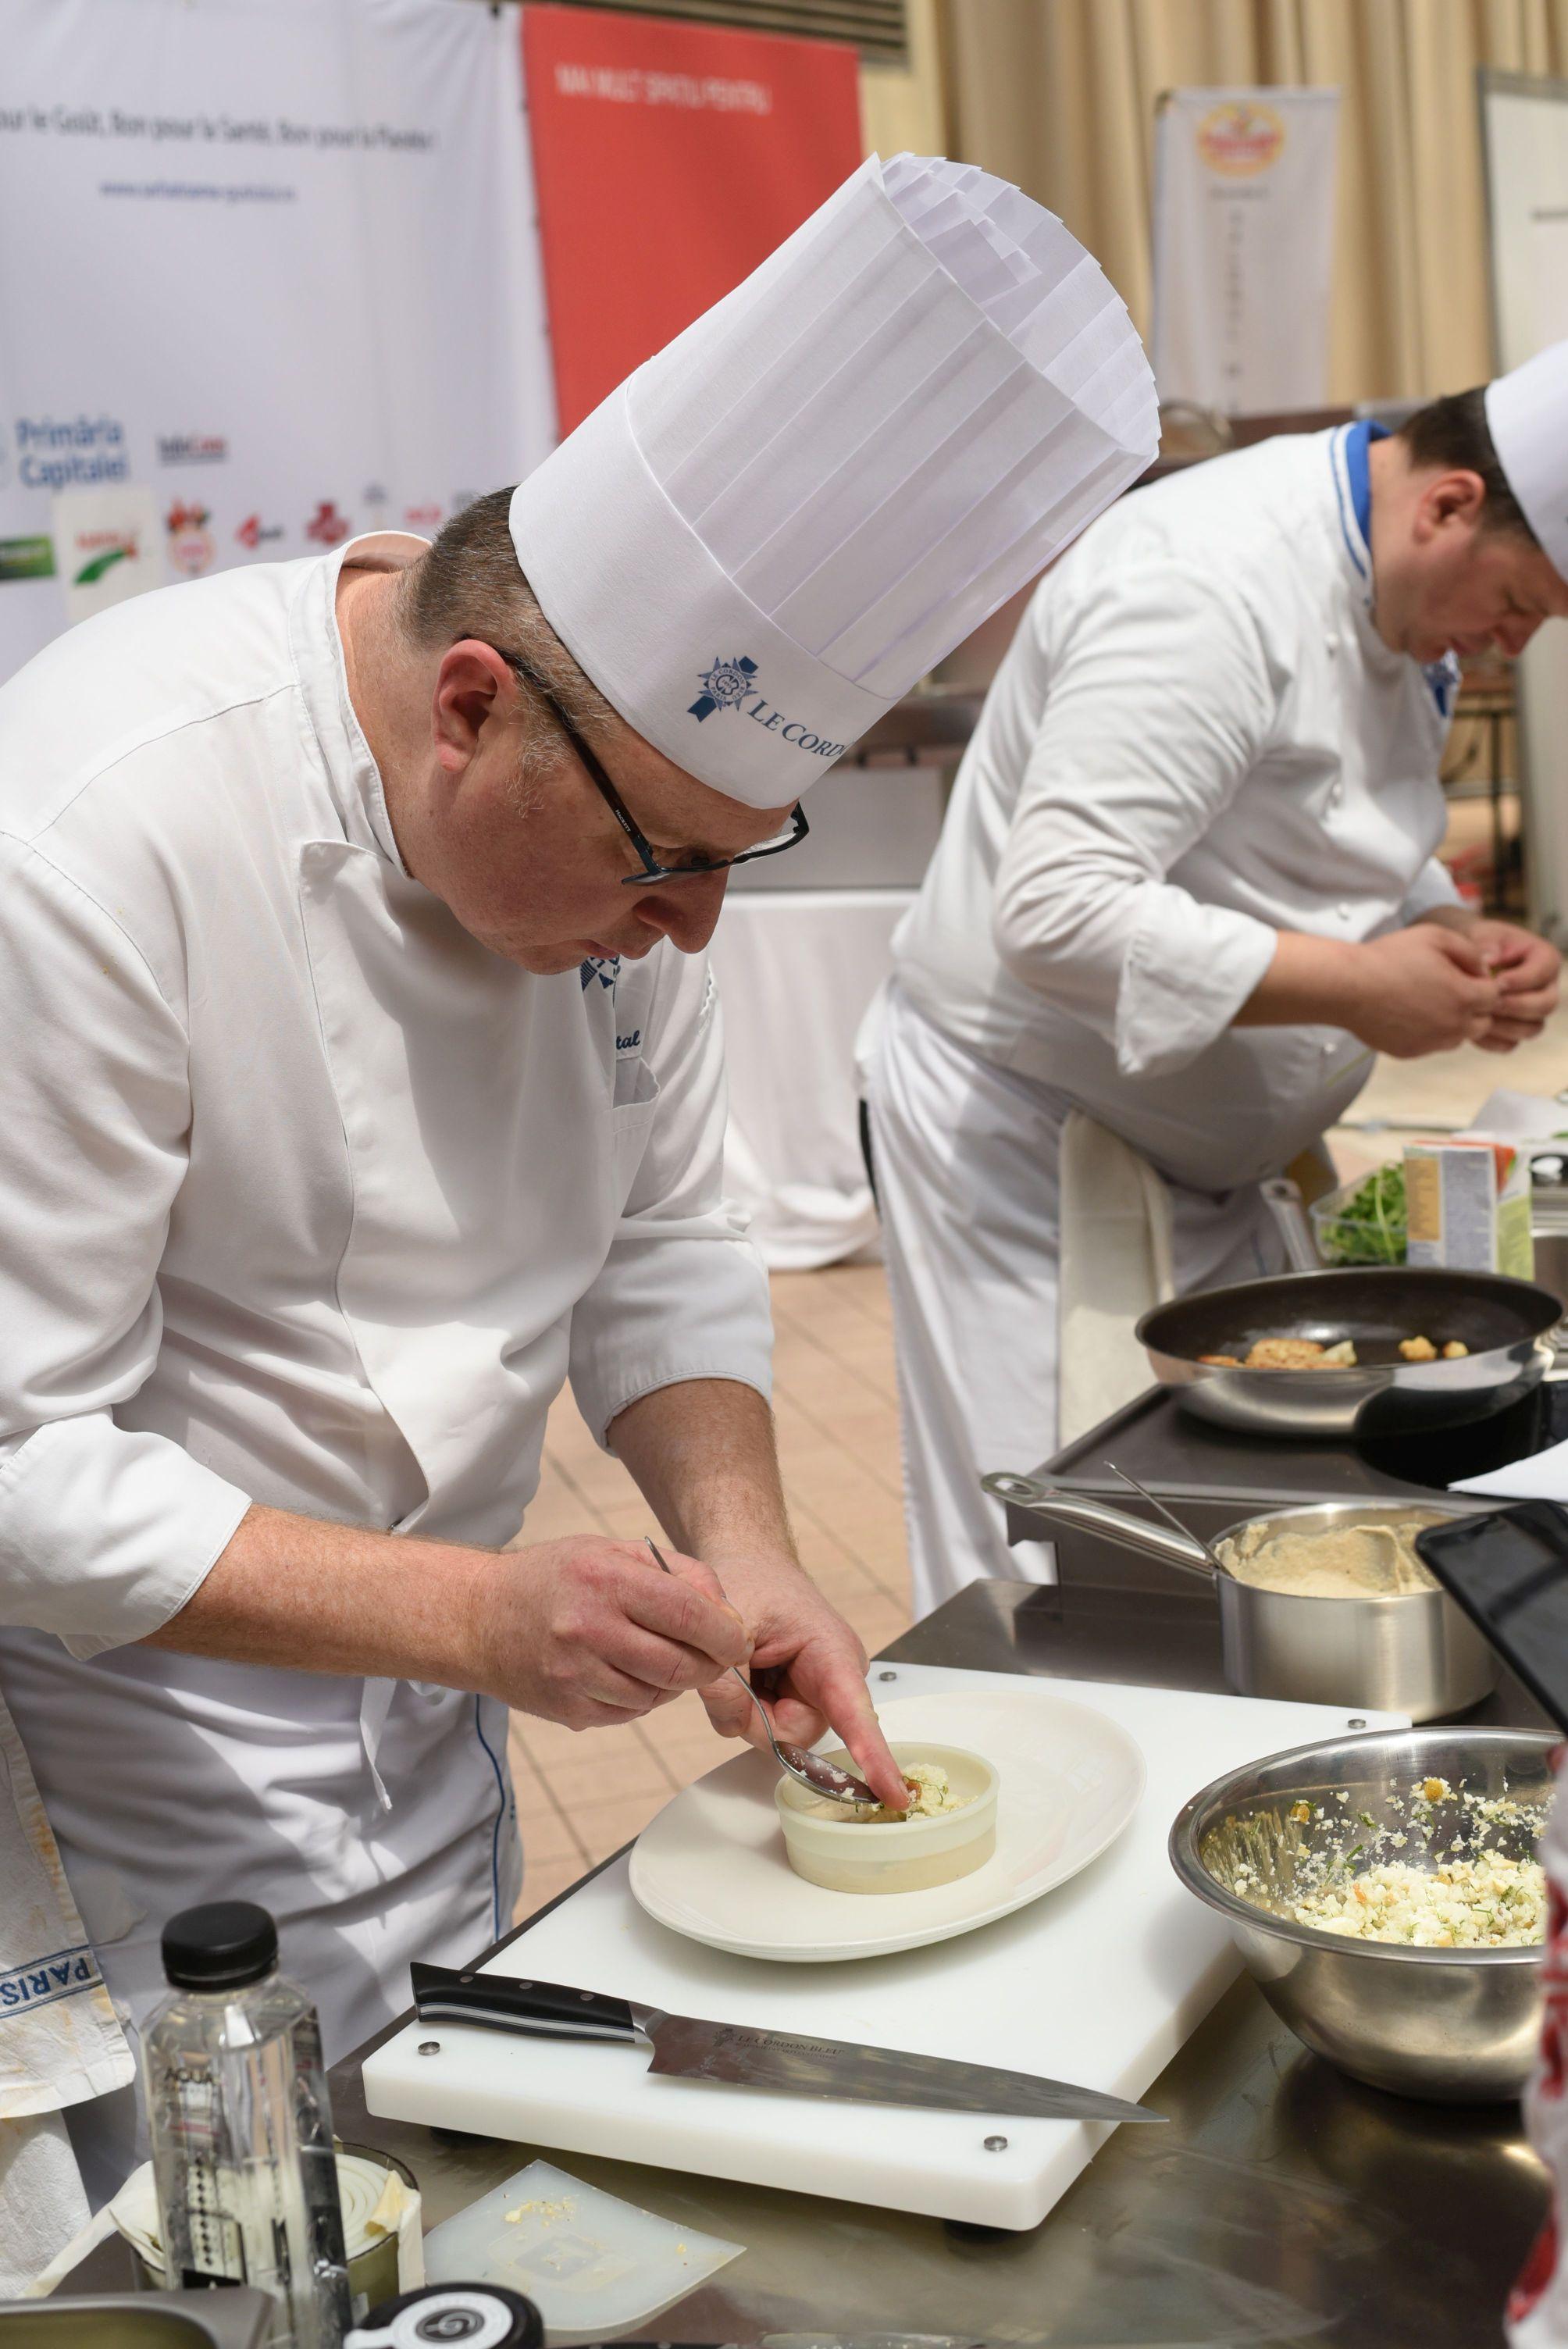 Sarbatoarea_Gustului_Salon_de_Gastronomie_47